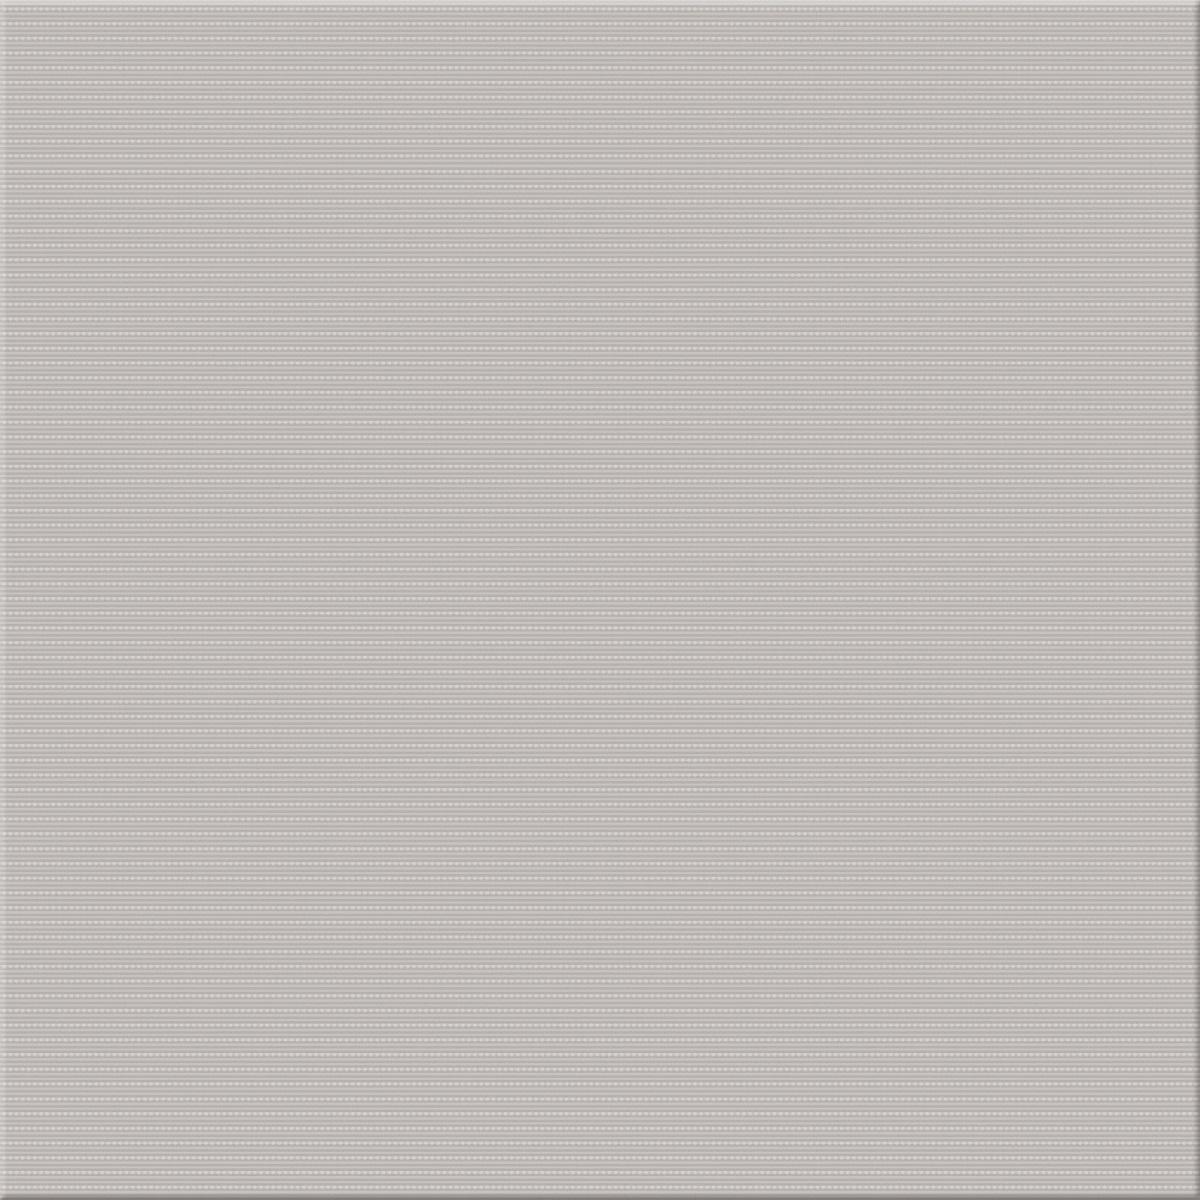 Cersanit Muzi grey glossy - dlažba 33,3x33,3 šedá W692-001-1